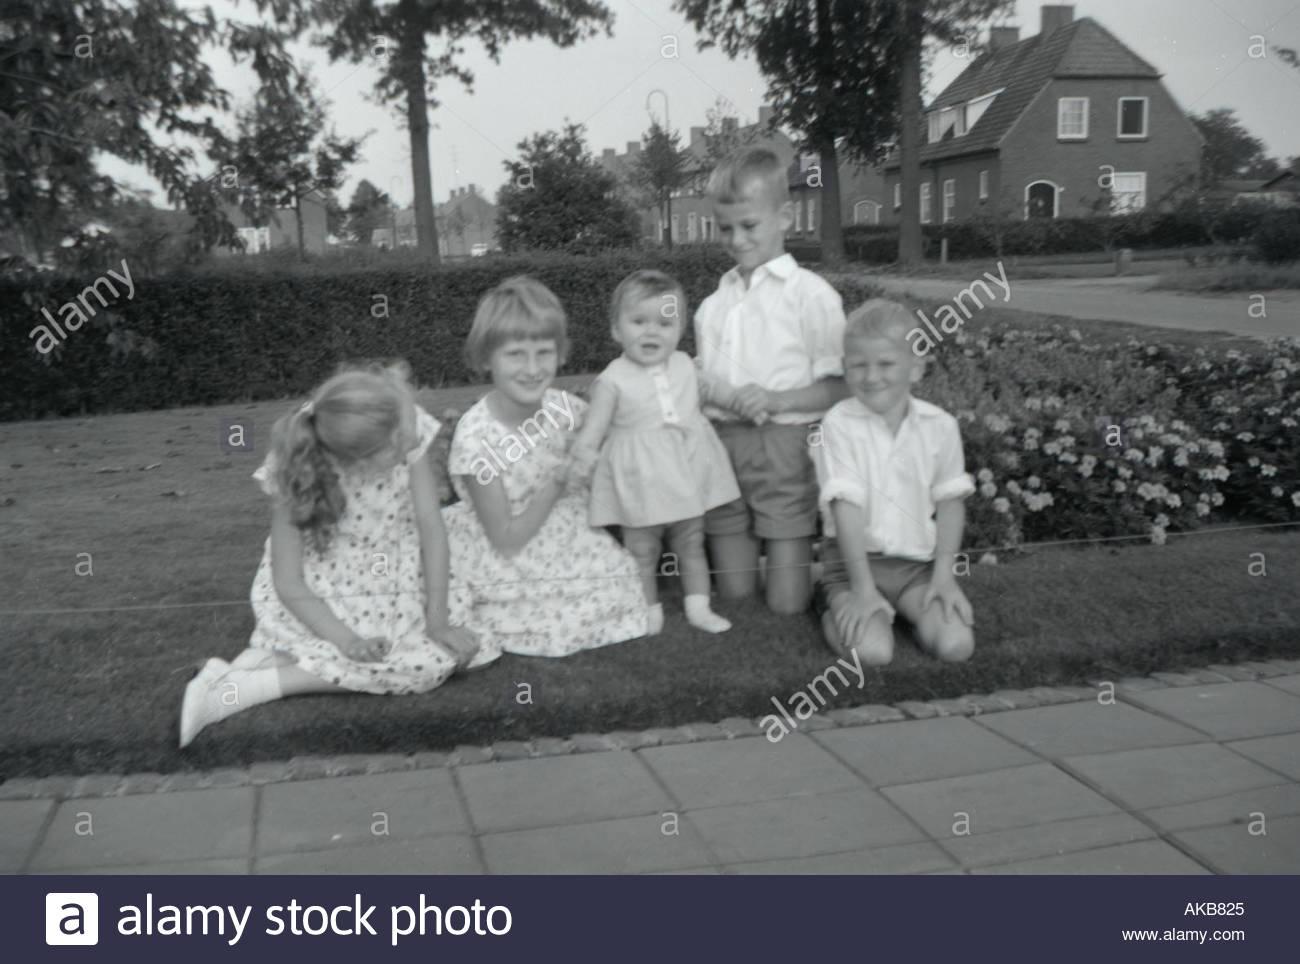 Niños y niñas posando para una foto de familia de 1960 Imagen De Stock